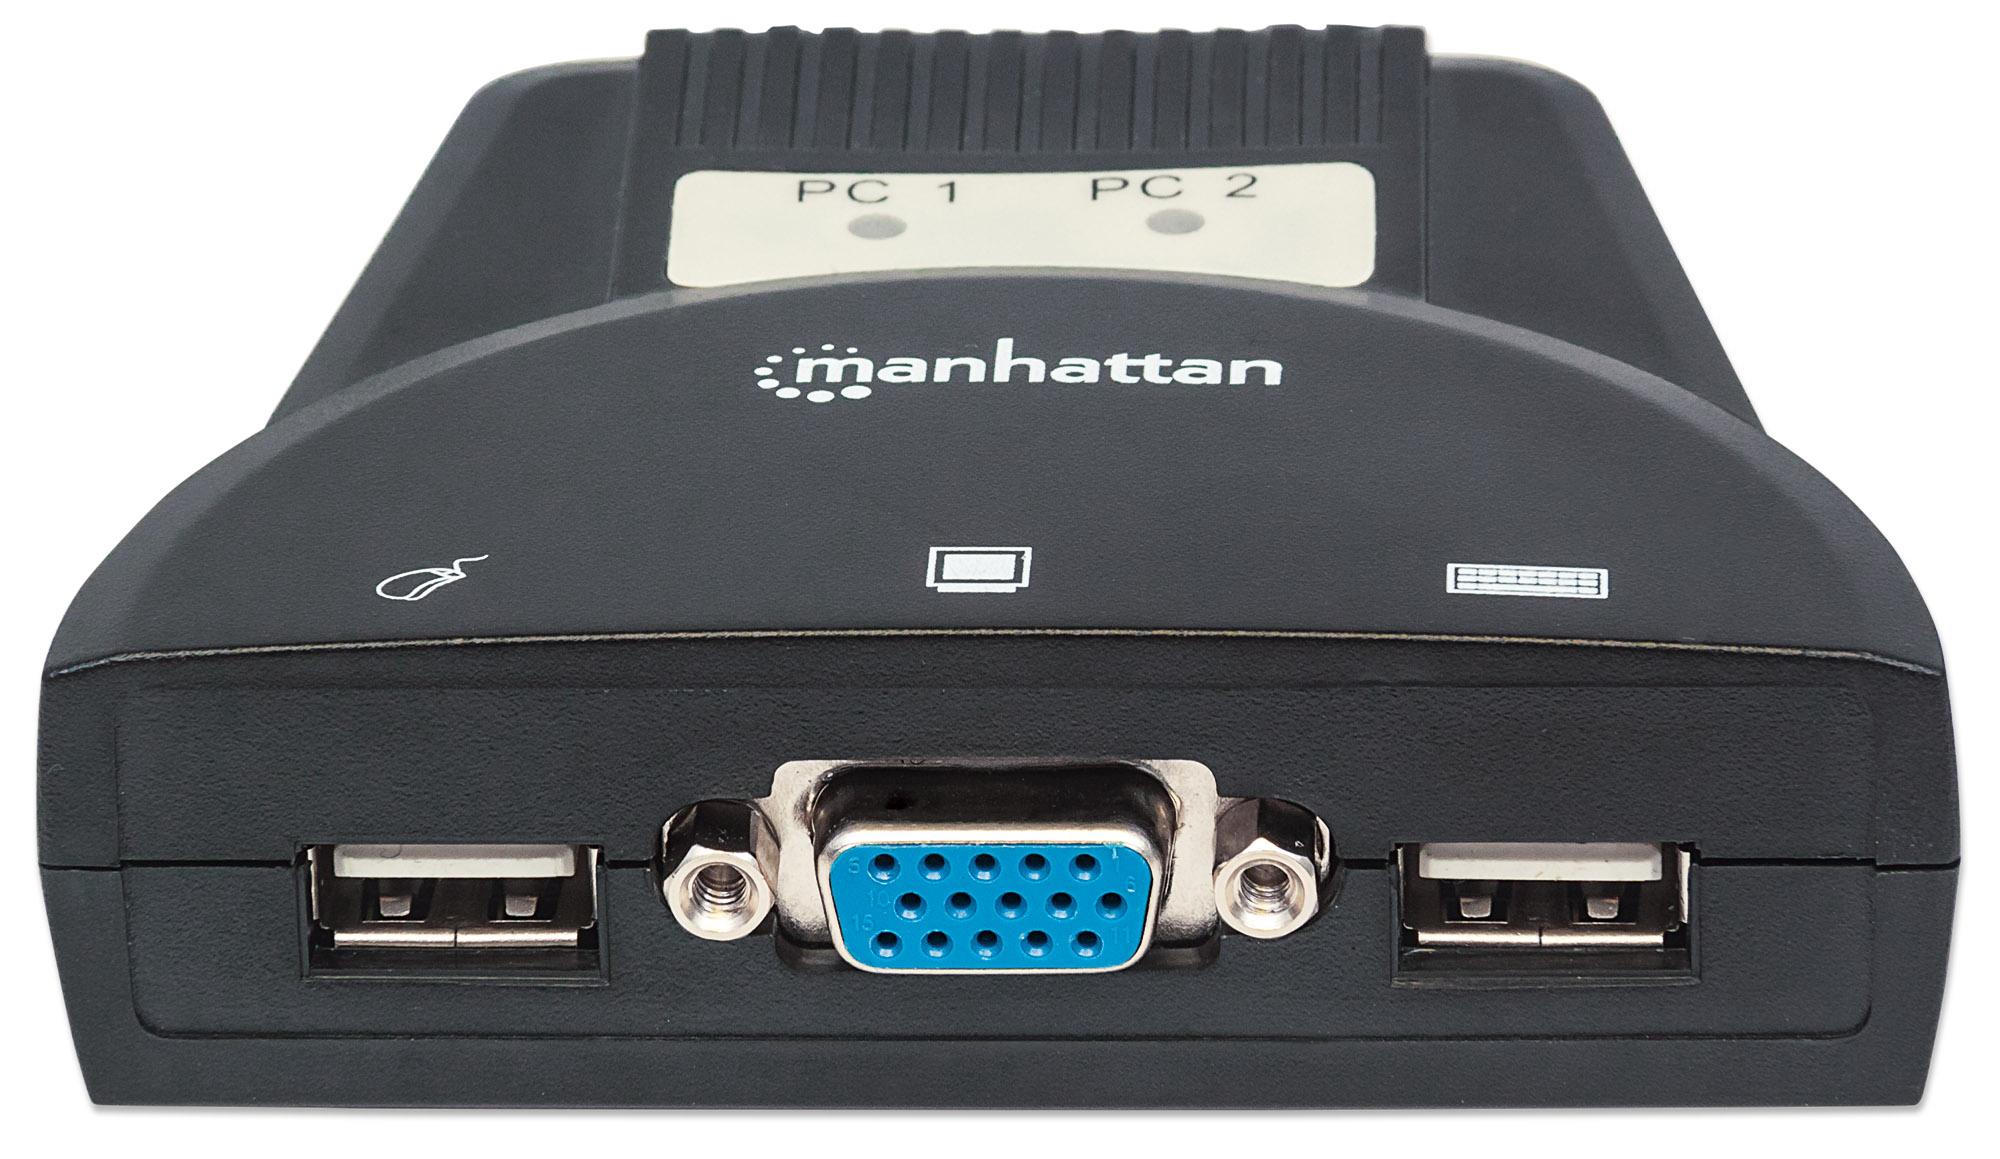 2-Port Mini KVM Switch